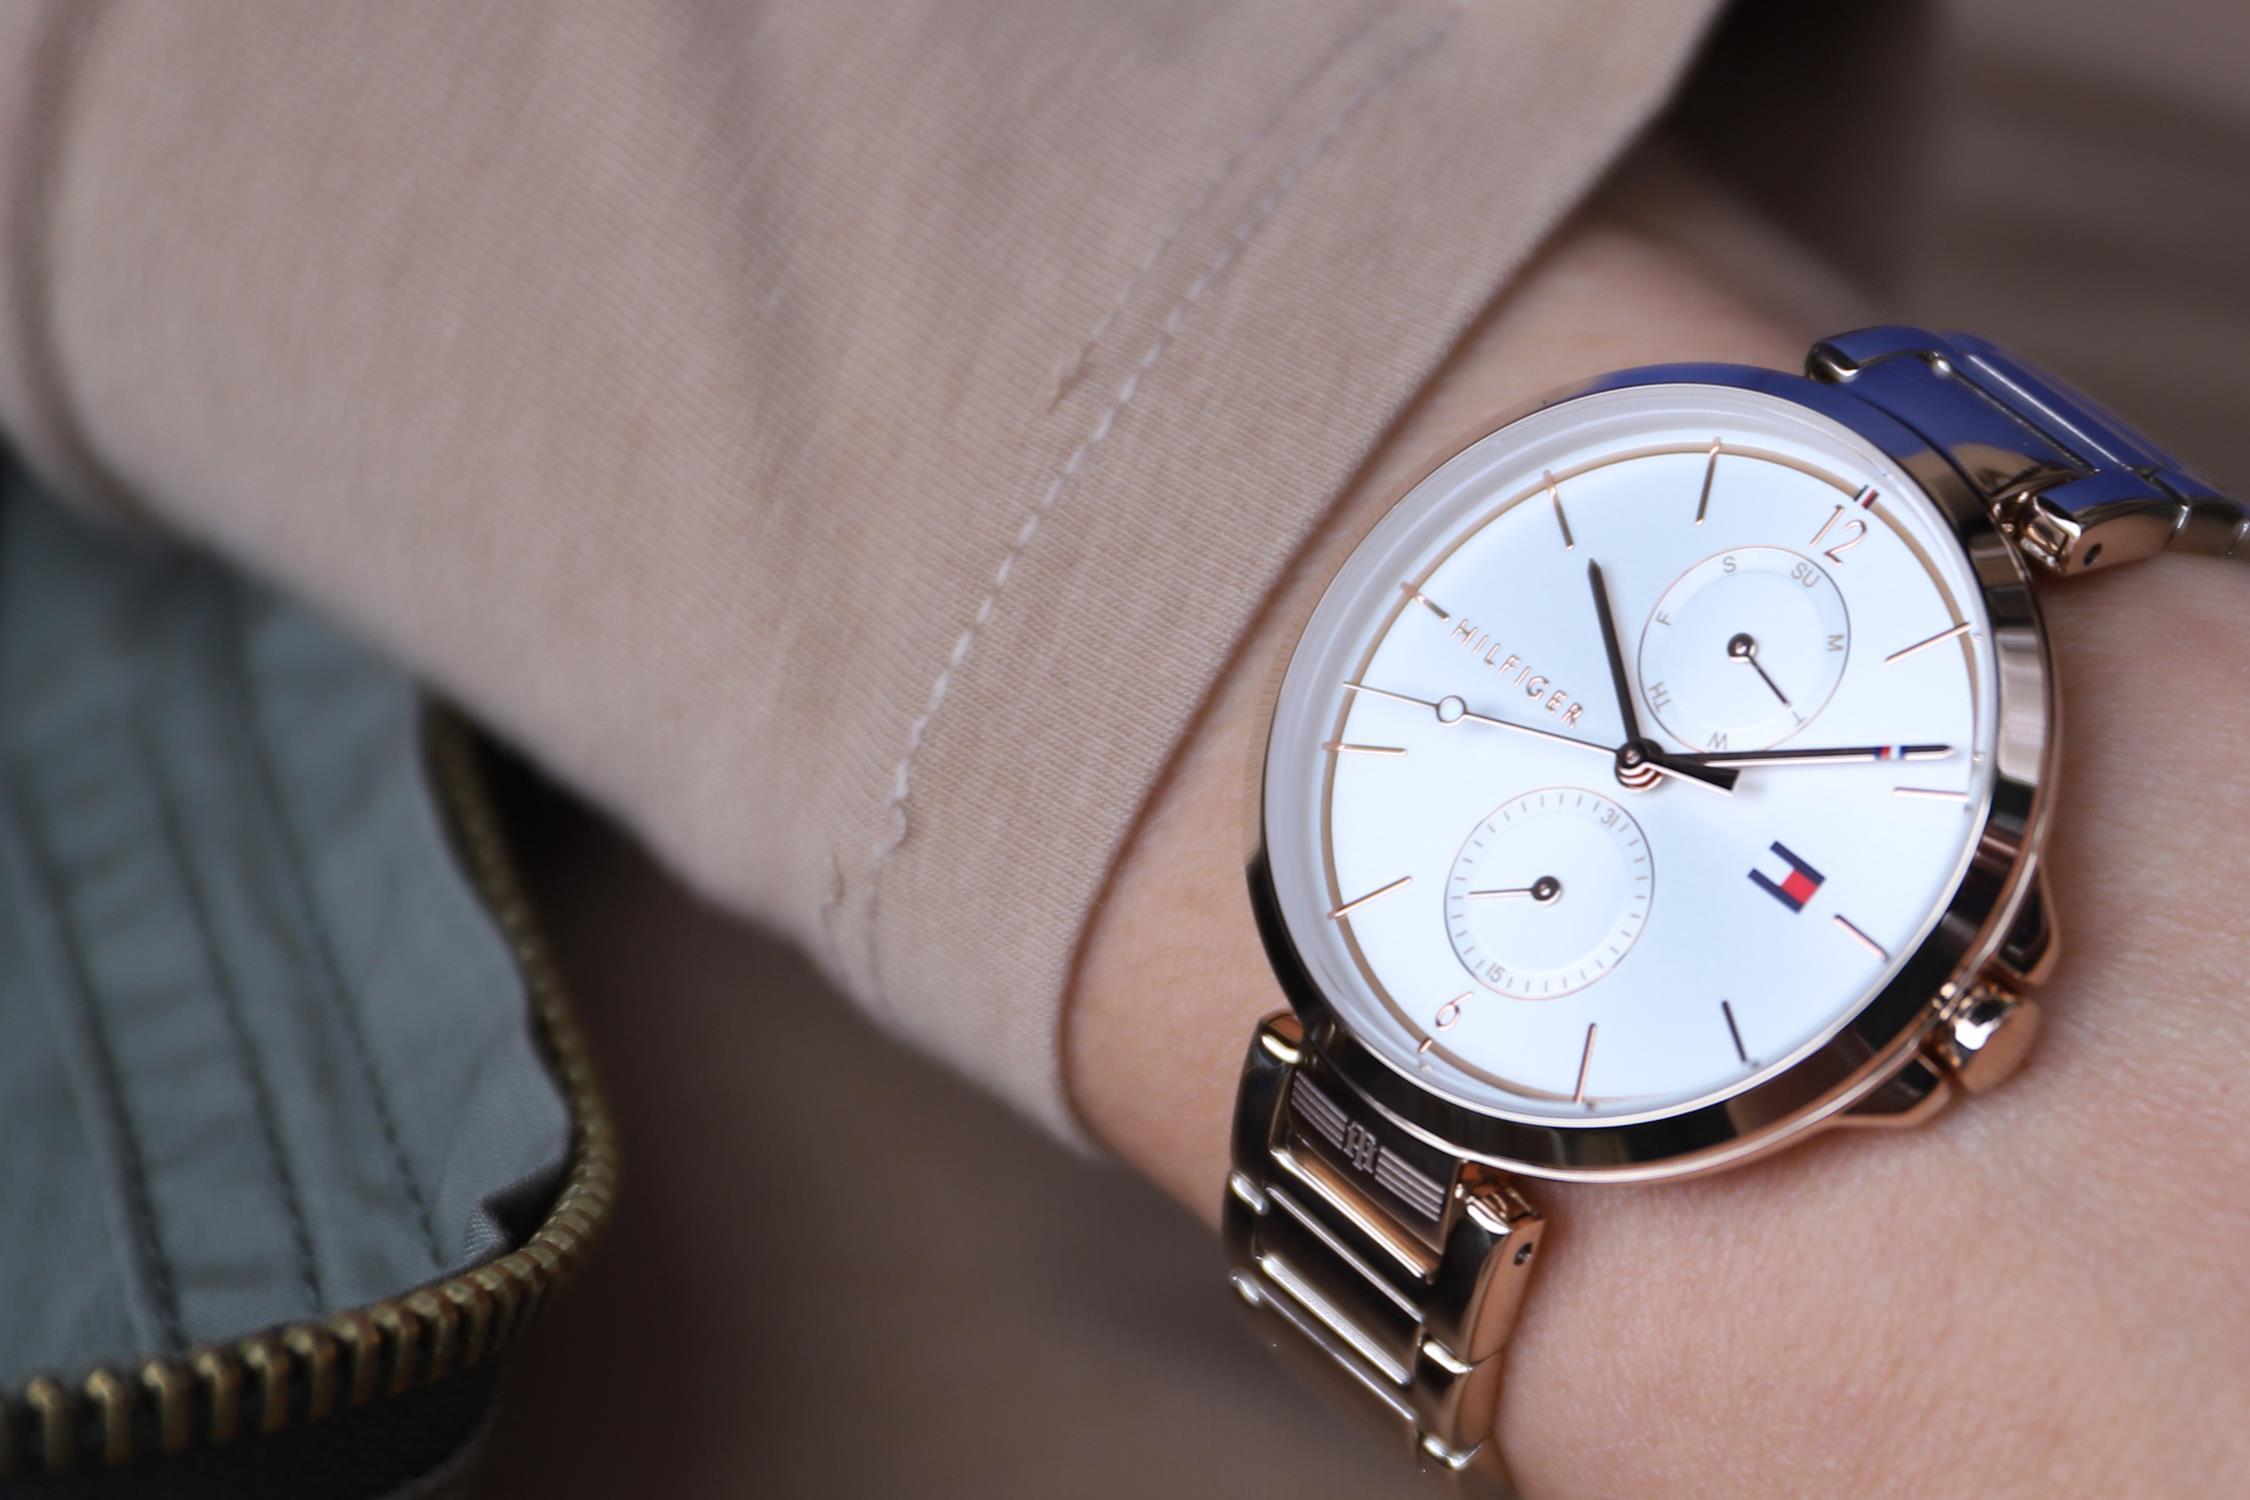 Zegarek damski Tommy Hilfiger damskie 1782124 - duże 6